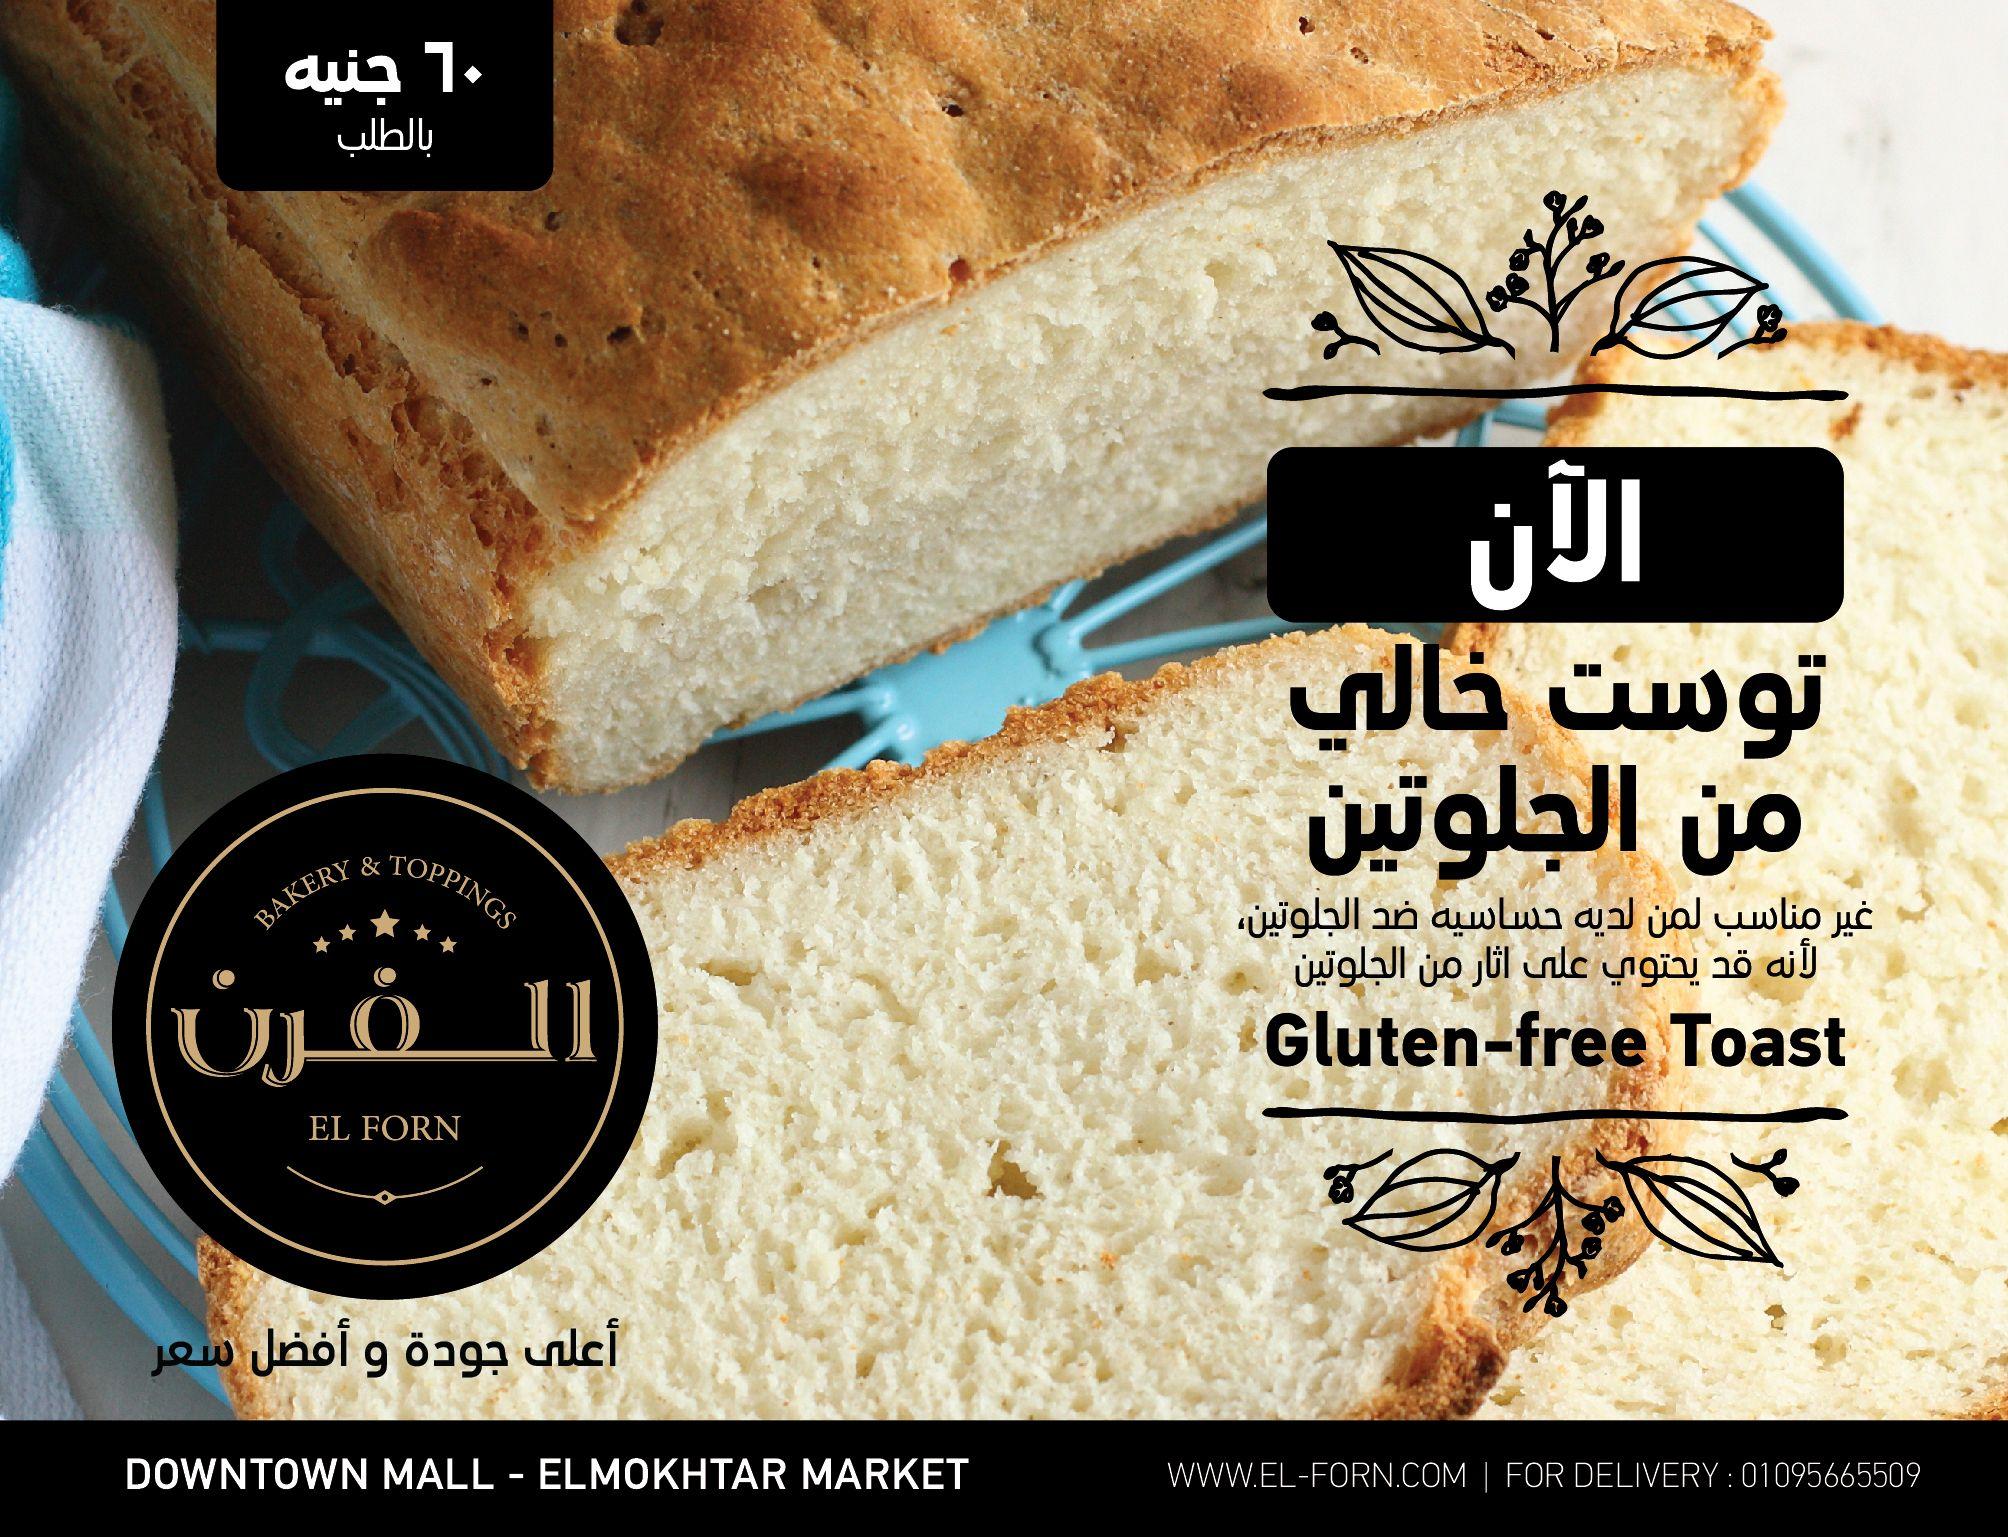 الآن من الفرن توست خالي من الجلوتين أفضل طريقه لتخزين الخبز الخالي من الجلوتين قطع الخبز بالشكل المفضل لديك و الا Gluten Free Toast Baked Bakery Gluten Free